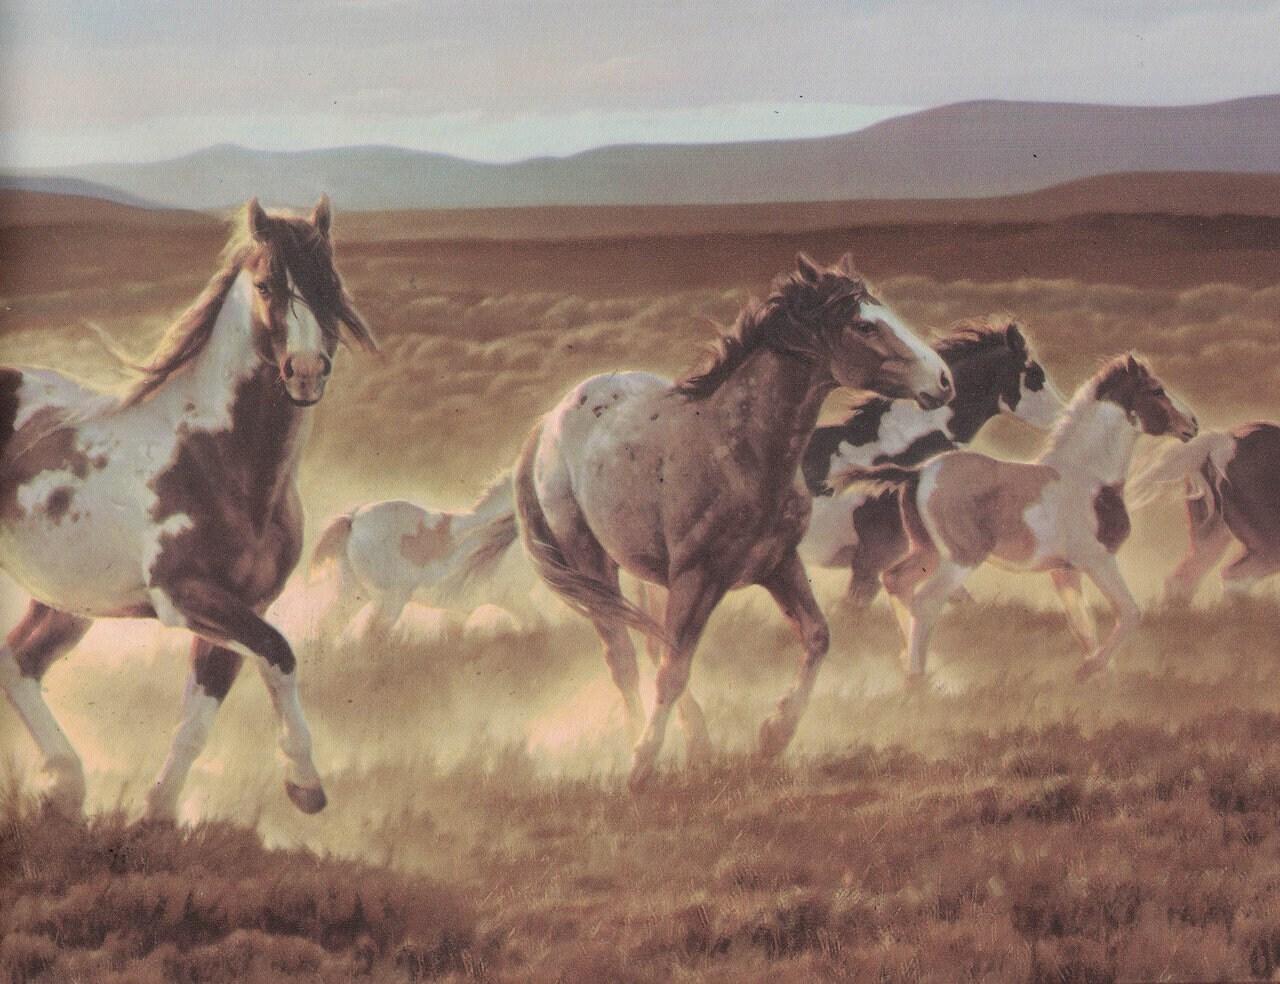 Horses B96510 Wallpaper Border